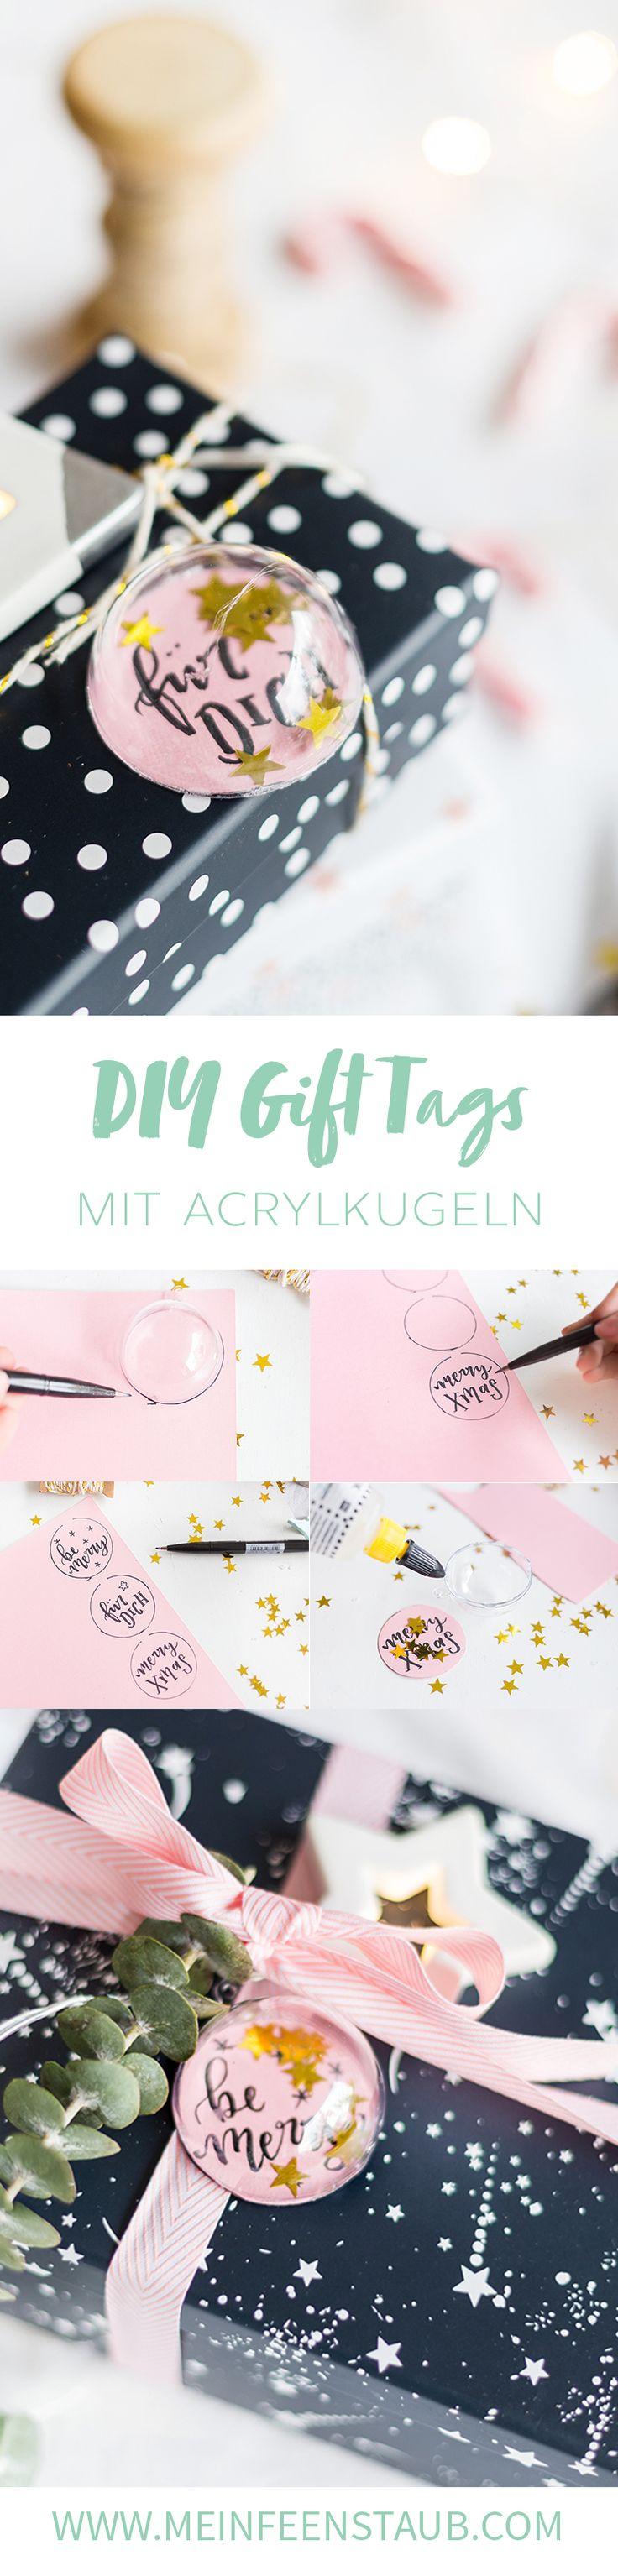 DIYnachten Türchen 4 Leuchtende Weihnachtsgeschenke